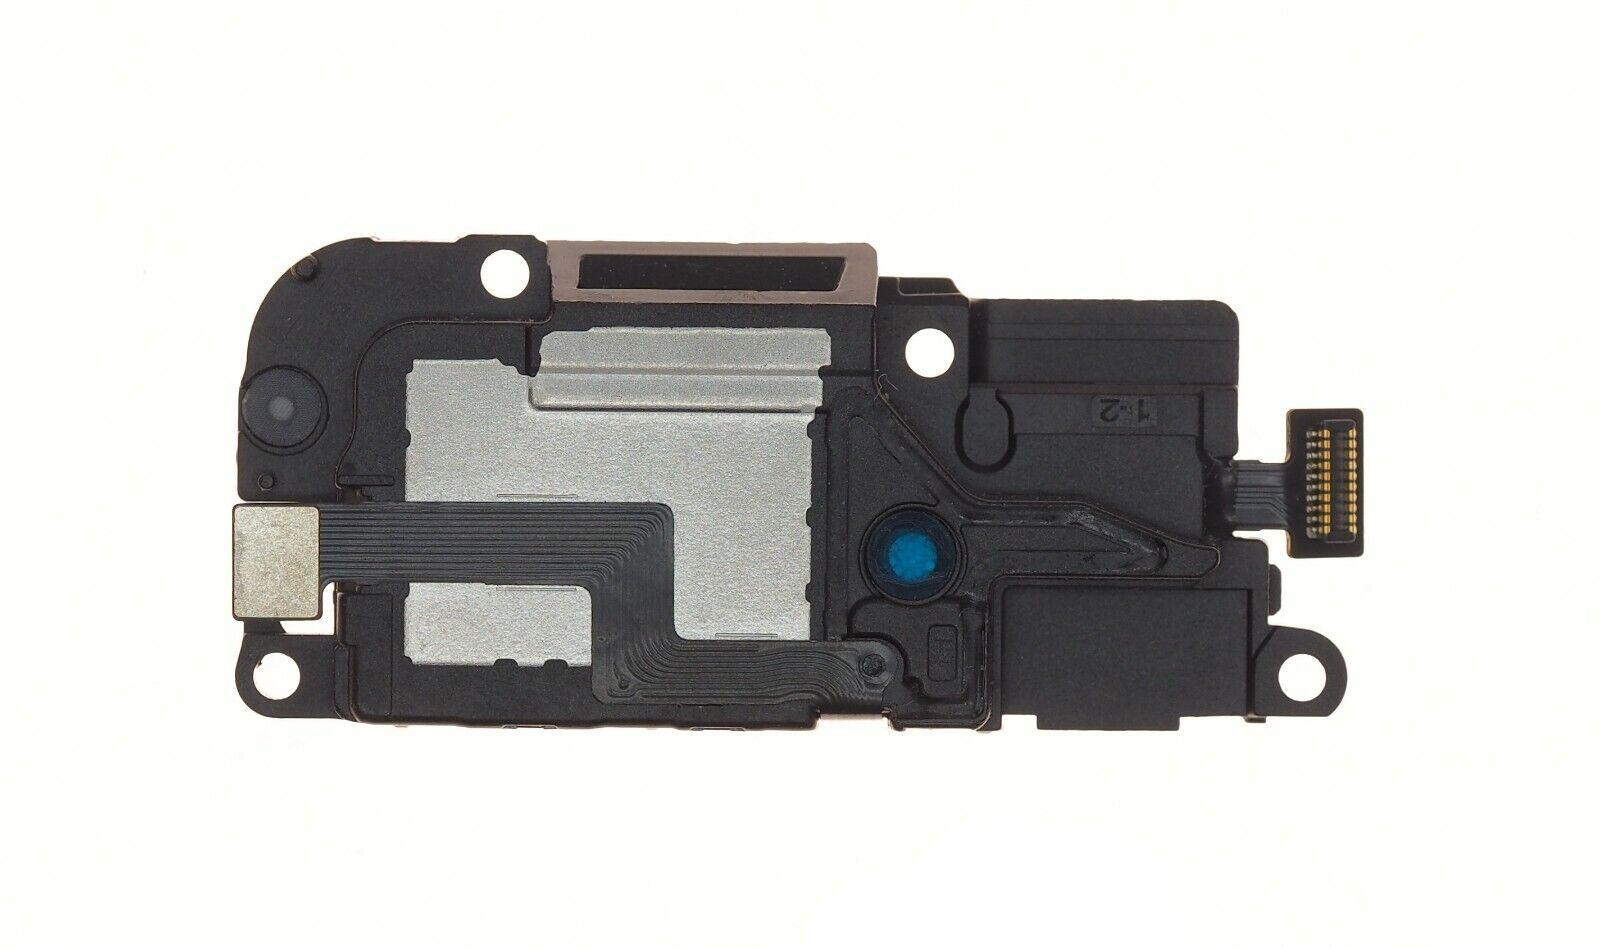 Plektrum extradünn Öffnungs Werkzeug Öffner Opening Tool für Reparatur grün